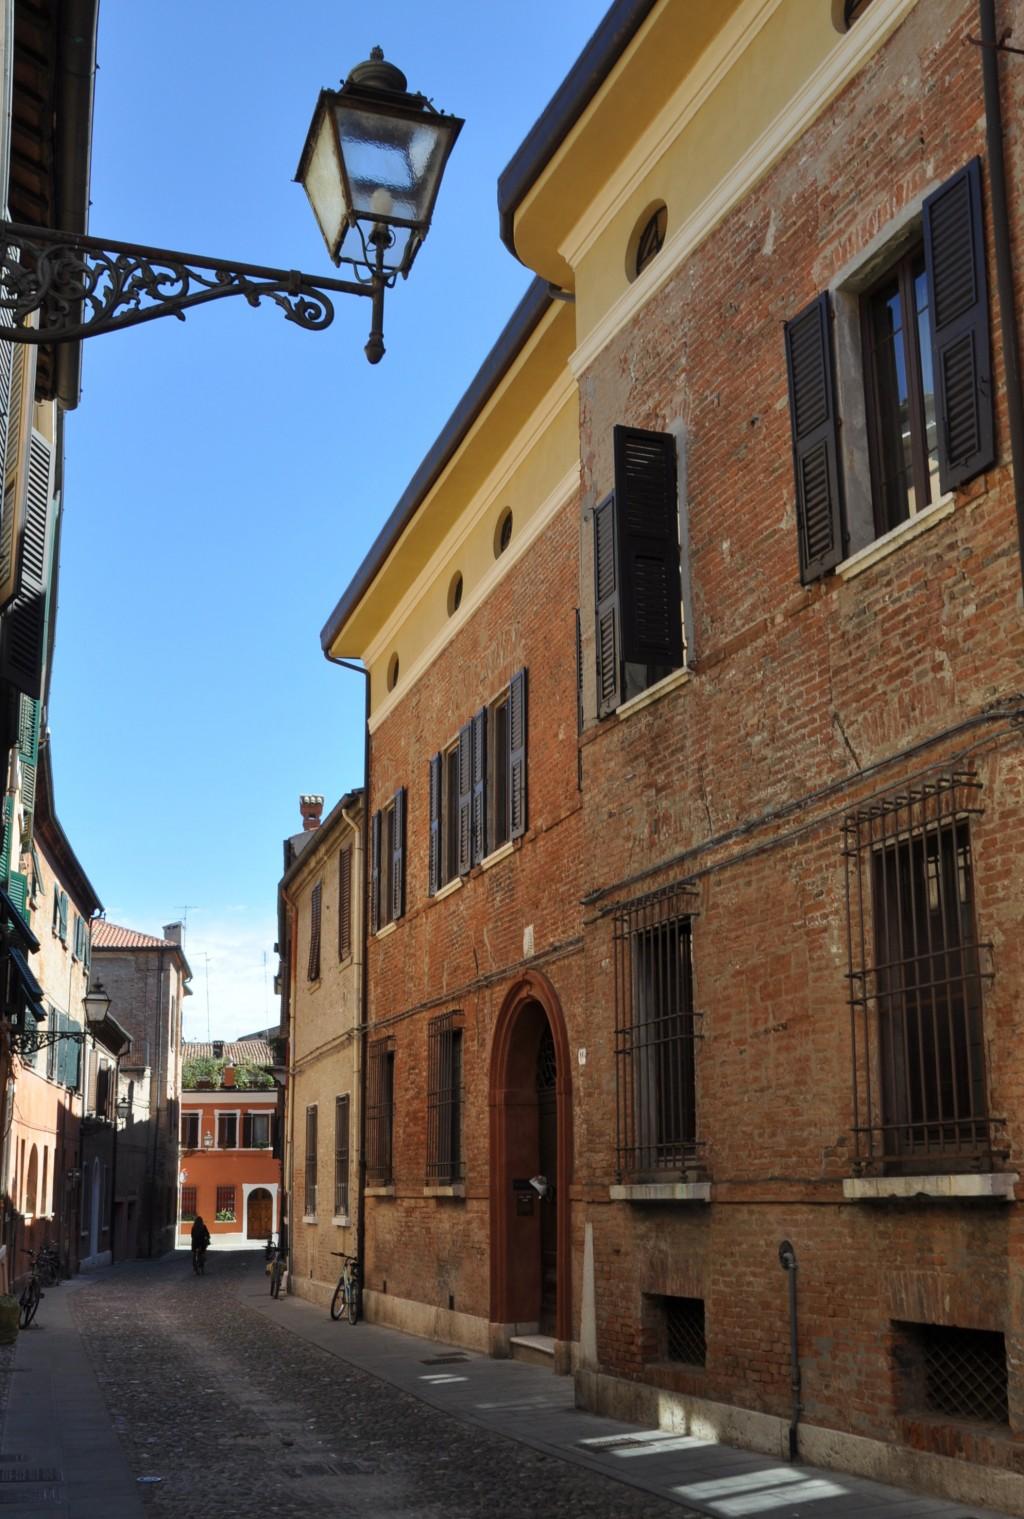 Excellent portale a tutto sesto e finestre tonde verso - Finestra ovale e finestra rotonda ...